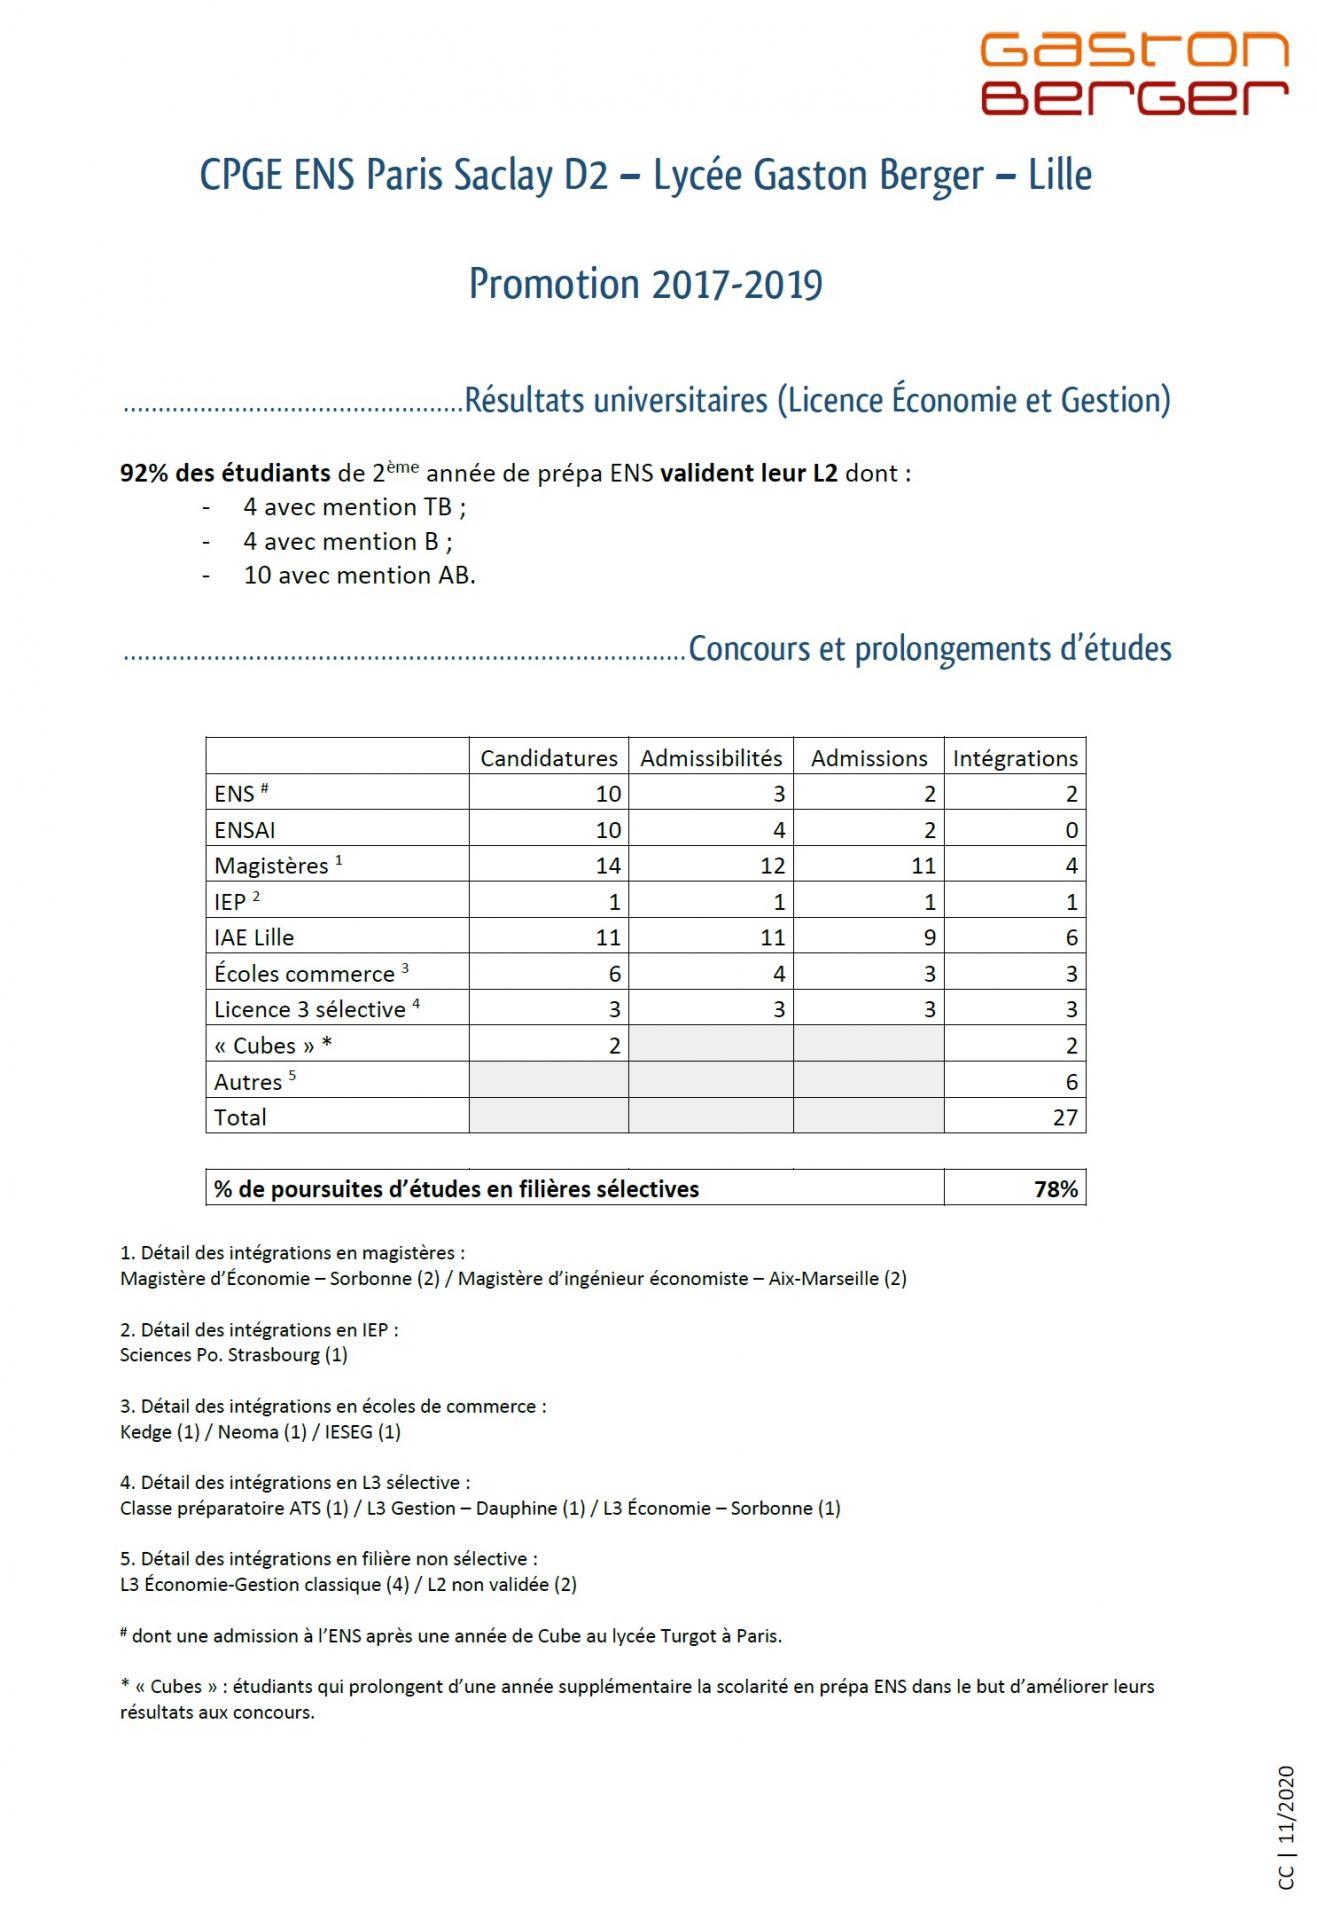 Résultats promotion 2017 2019